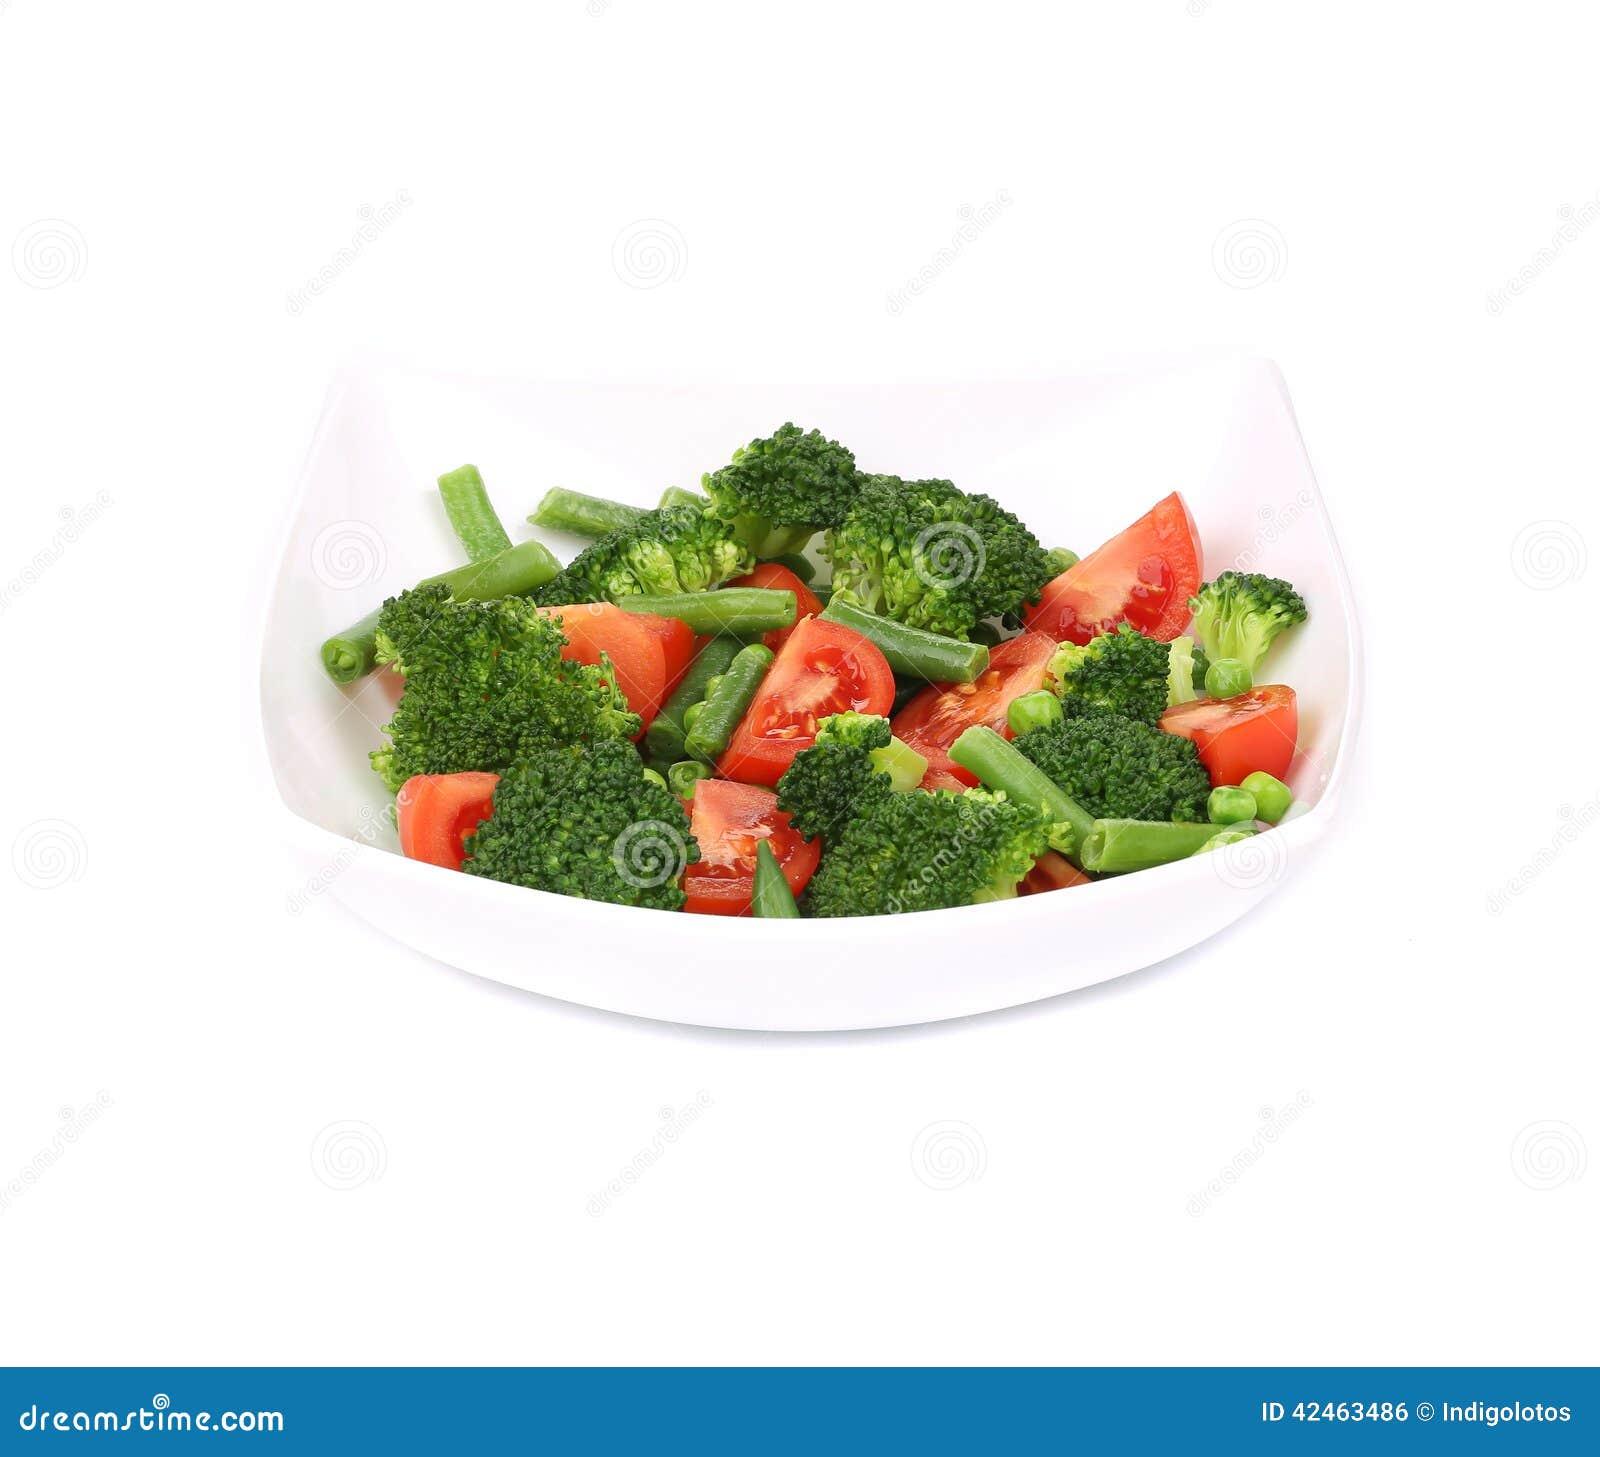 Brokkolisalat mit Tomaten